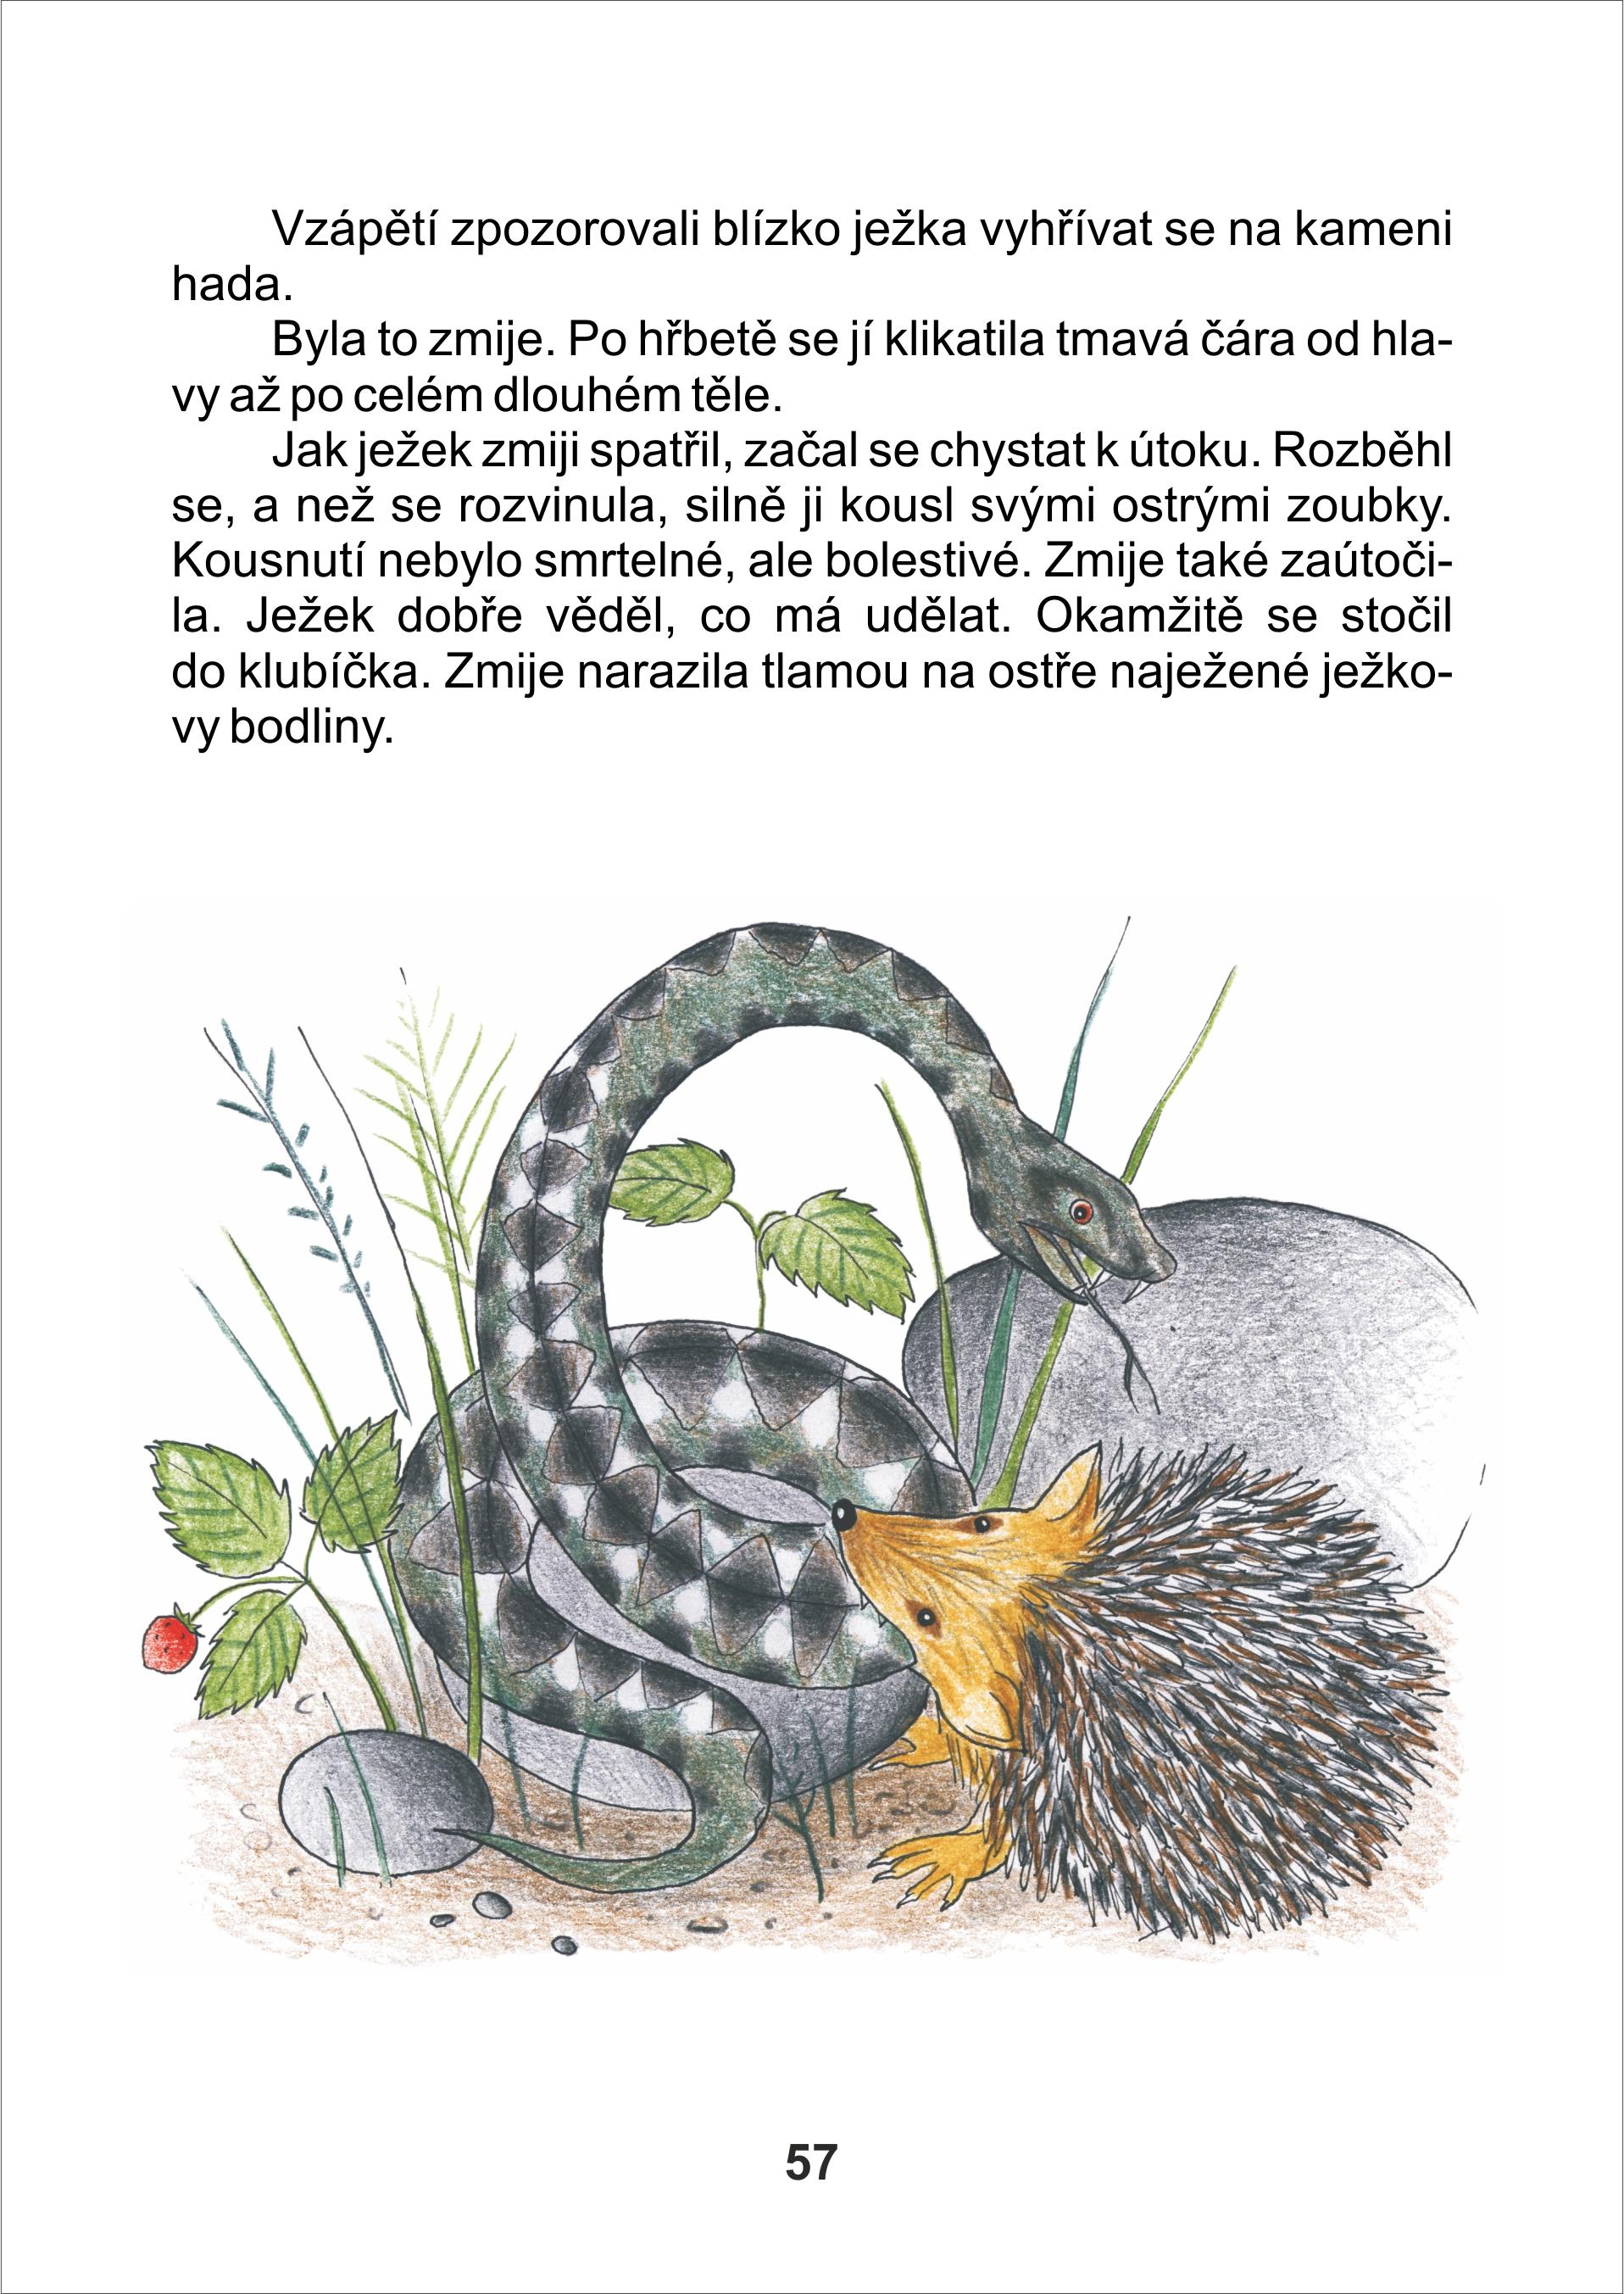 www ukazky Tapka jezek zmije